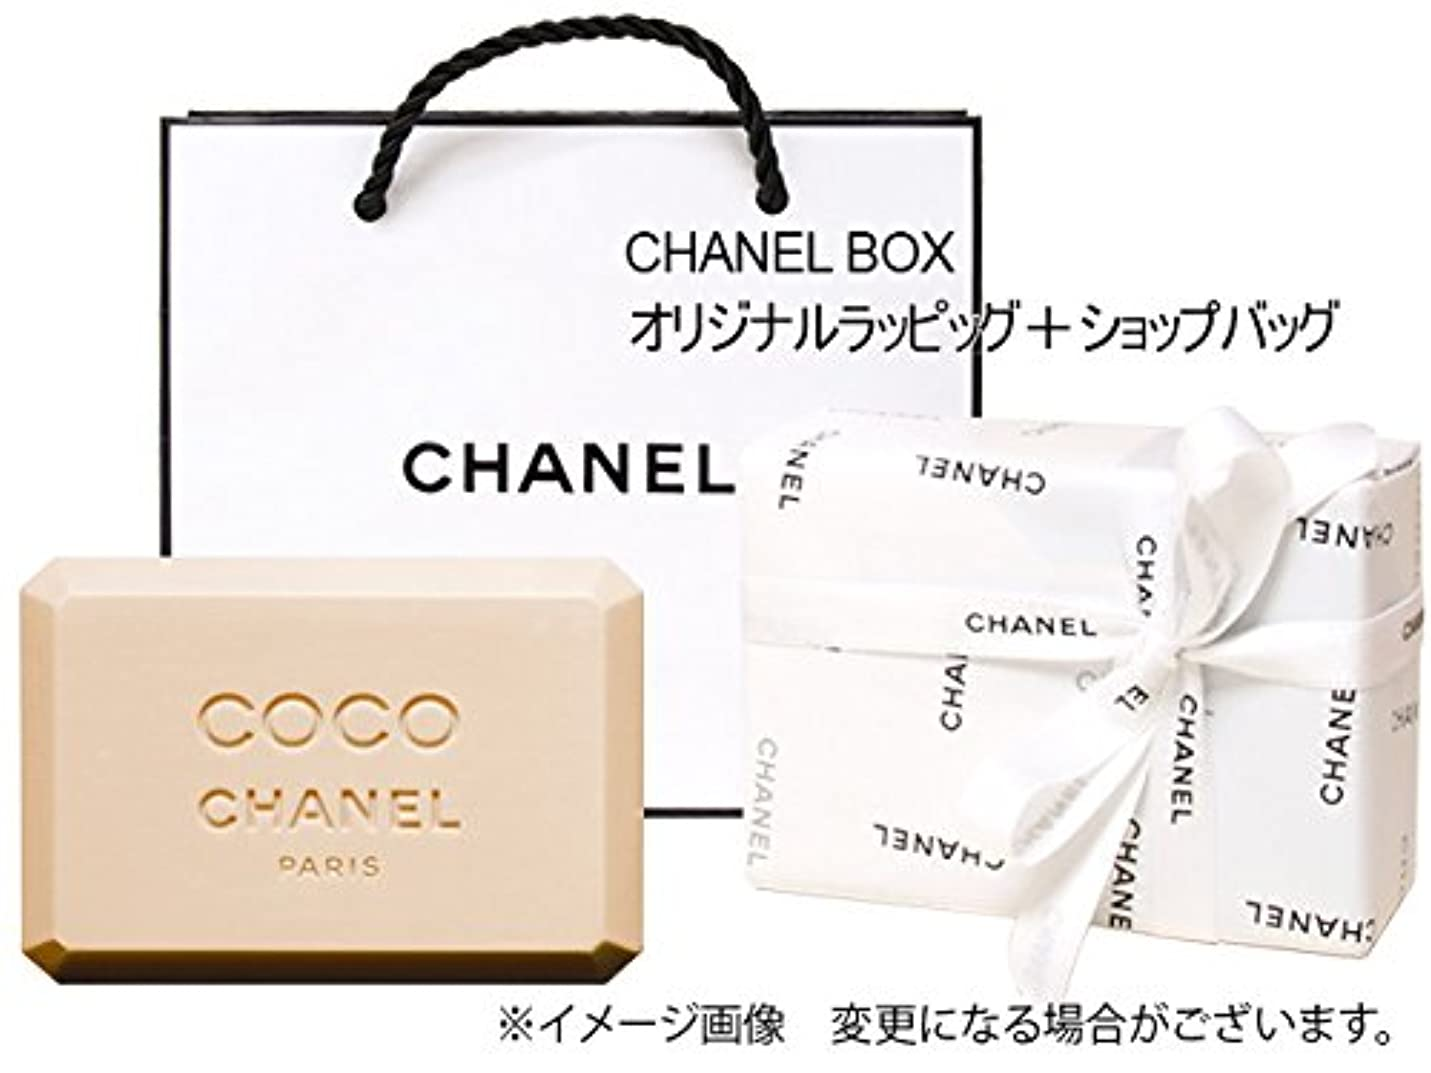 CHANEL(シャネル) COCO SAVON POUR LE BAIN BATH SOAP シャネル ココ サヴォン 150g 女性用石鹸/バスソープ CHANEL BOX オリジナルラッピング+ショップバッグ(並行輸入)